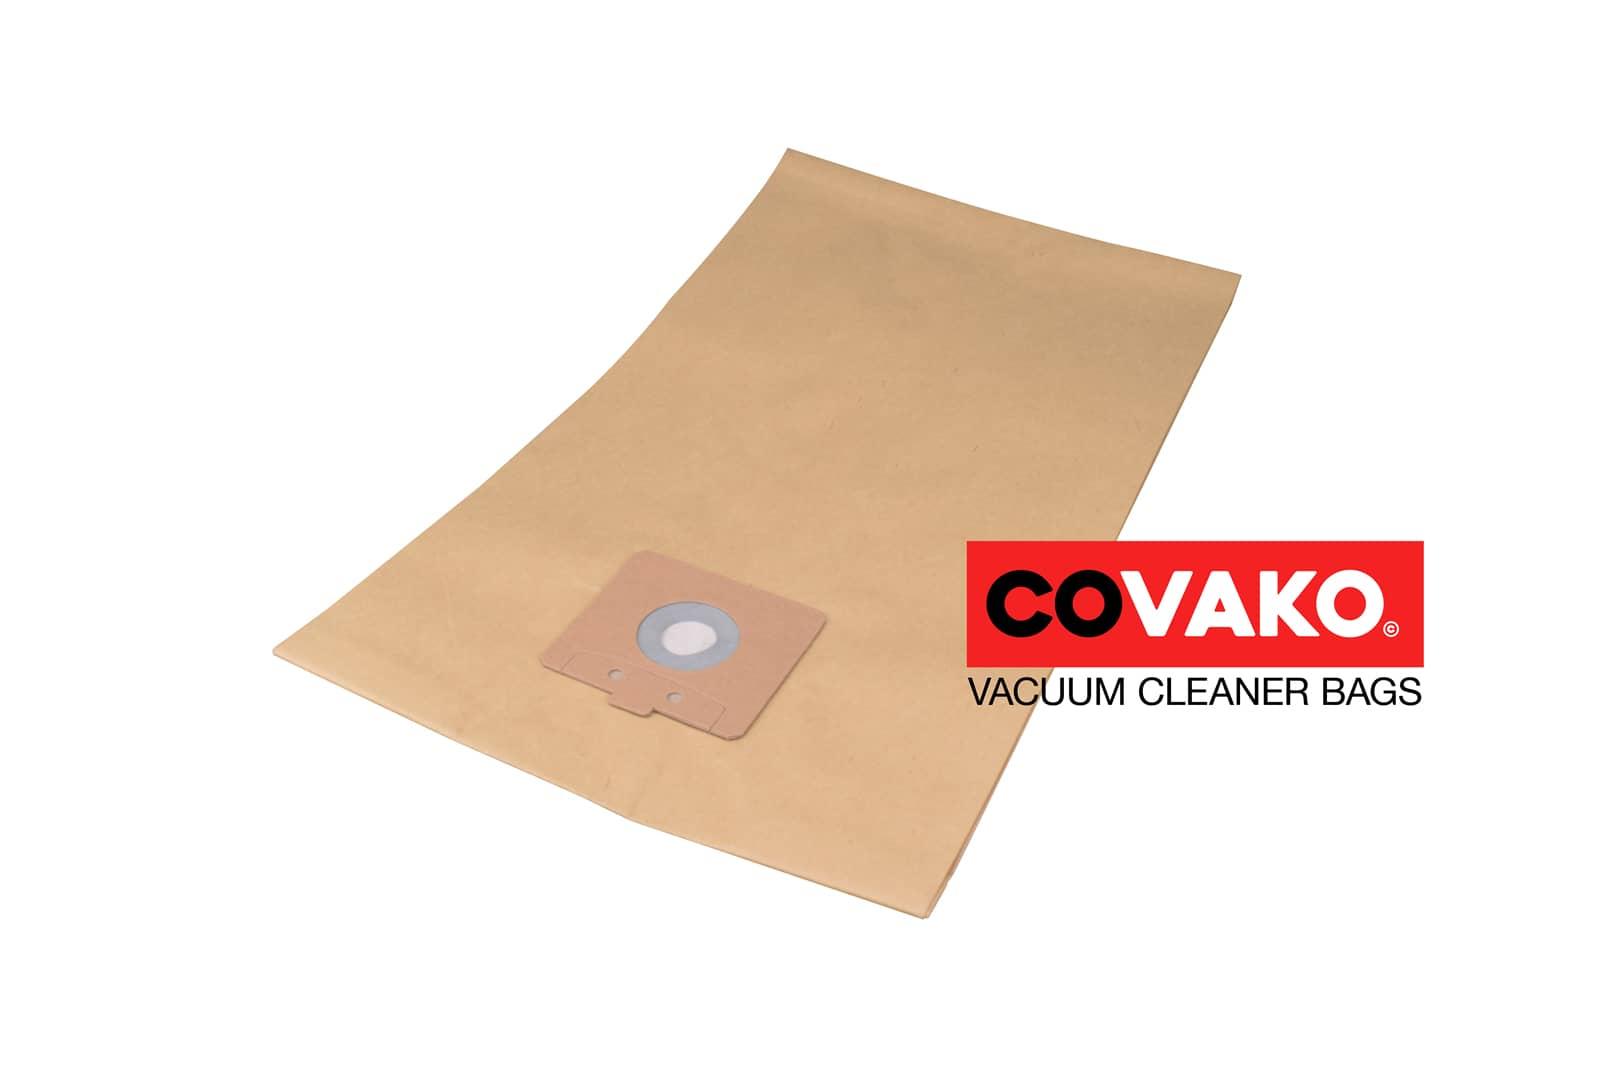 Johnson Diversy Vacumat 12 / Papier - Johnson Diversy sacs d'aspirateur